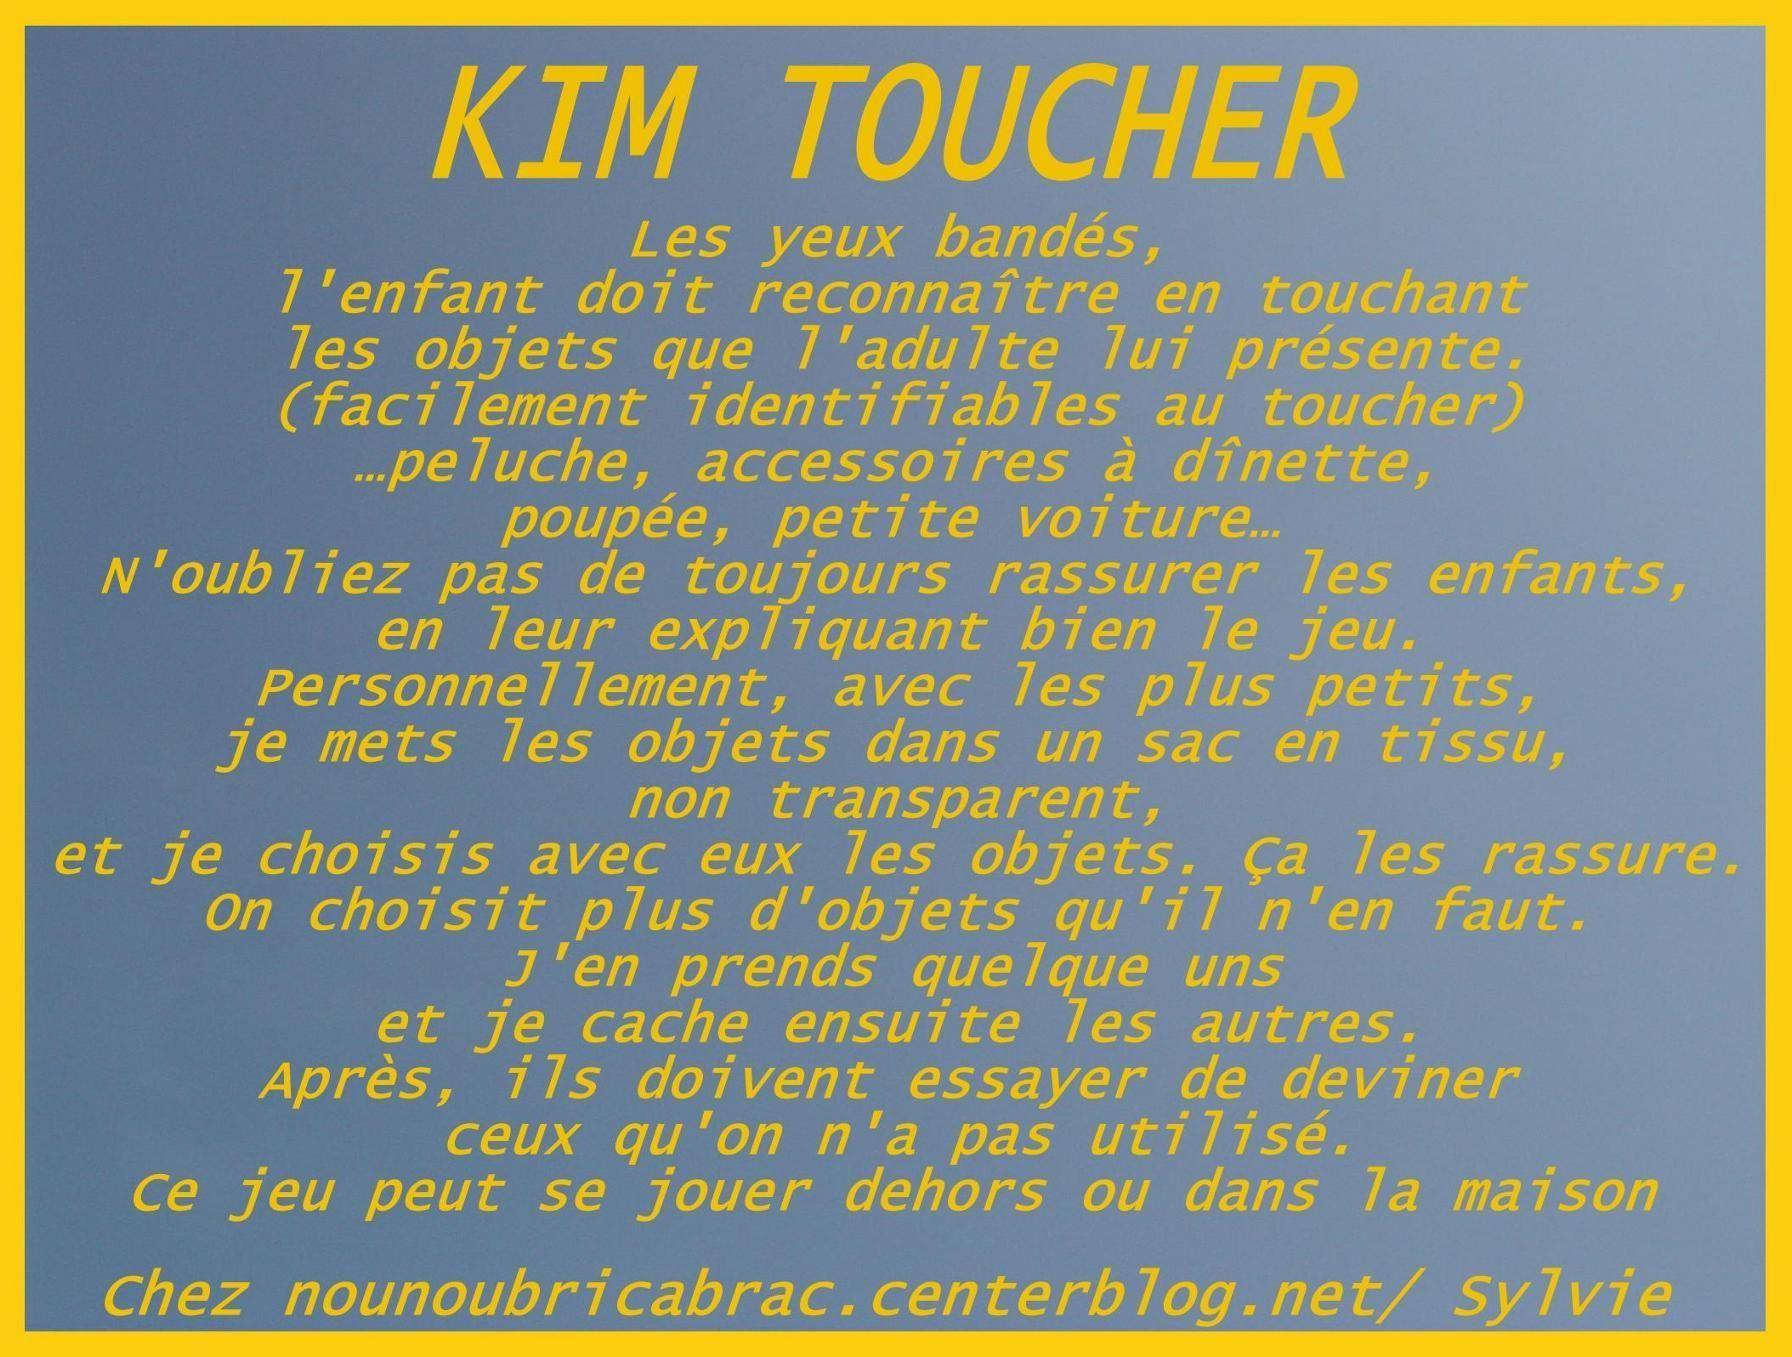 KIM TOUCHER